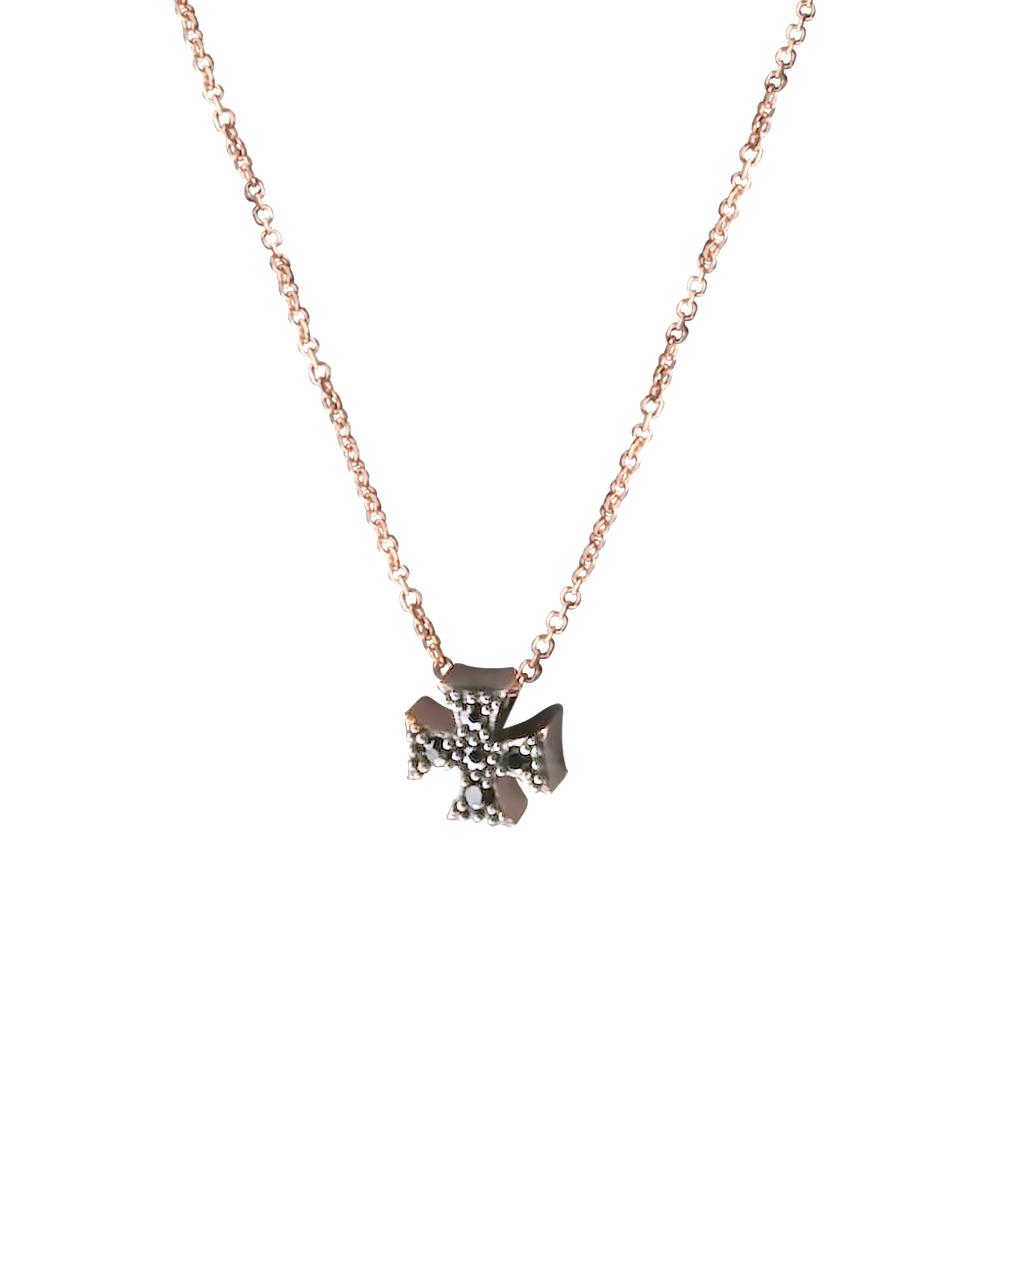 Κολιέ σταυρός ροζ χρυσό Κ14 με Ζιργκόν   κοσμηματα κρεμαστά κολιέ κρεμαστά κολιέ ροζ χρυσό